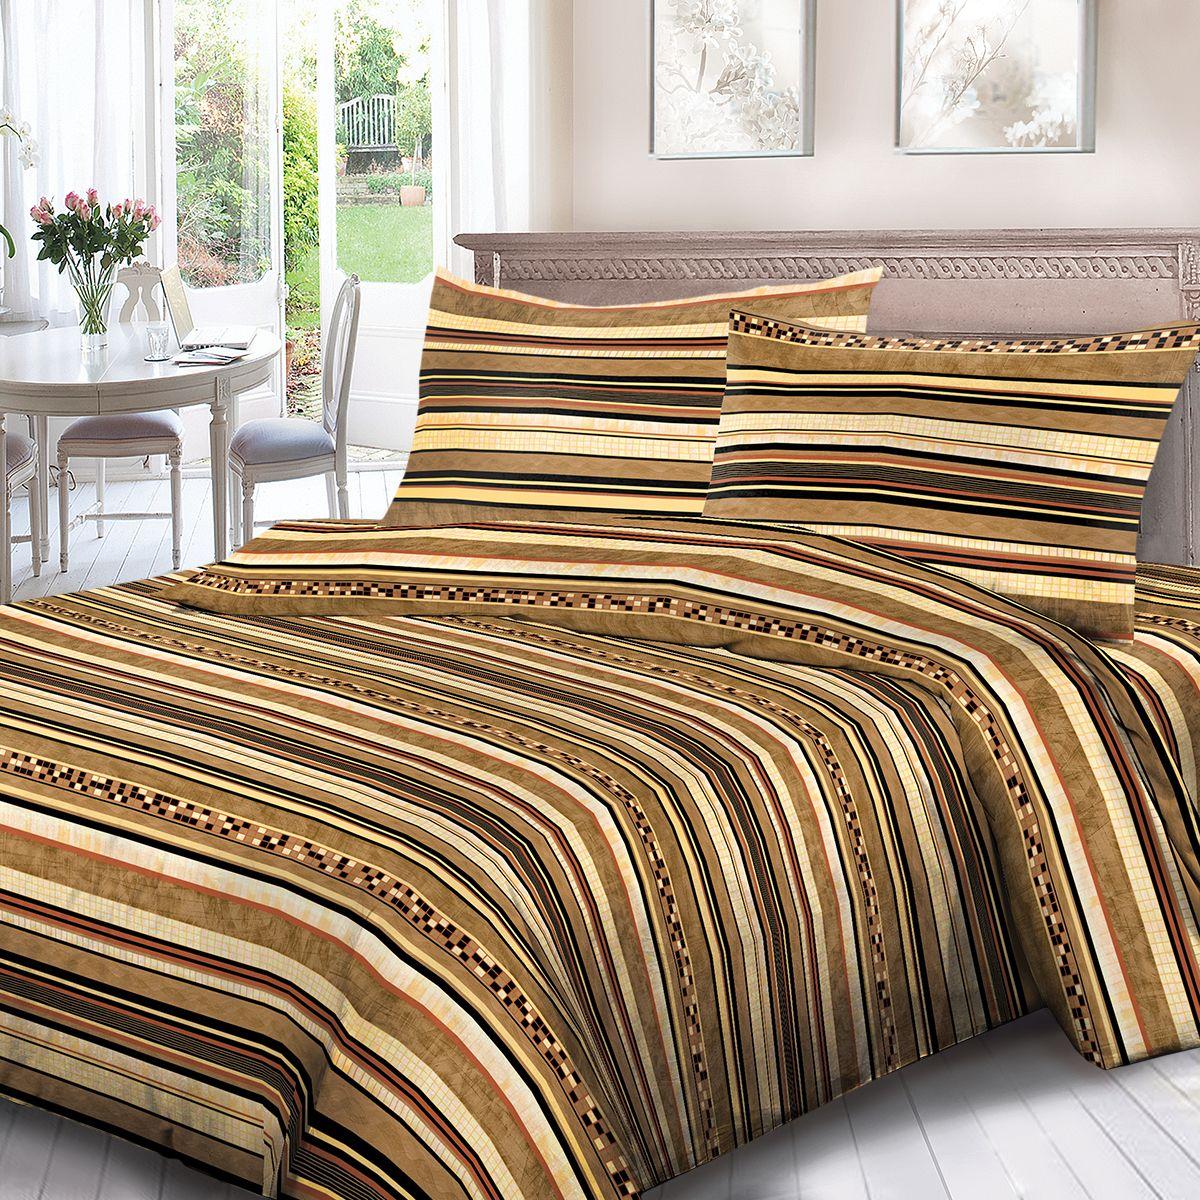 Комплект белья Для Снов Шанталь, 2-х спальное, наволочки 70x70, цвет: коричневый. 1680-284384